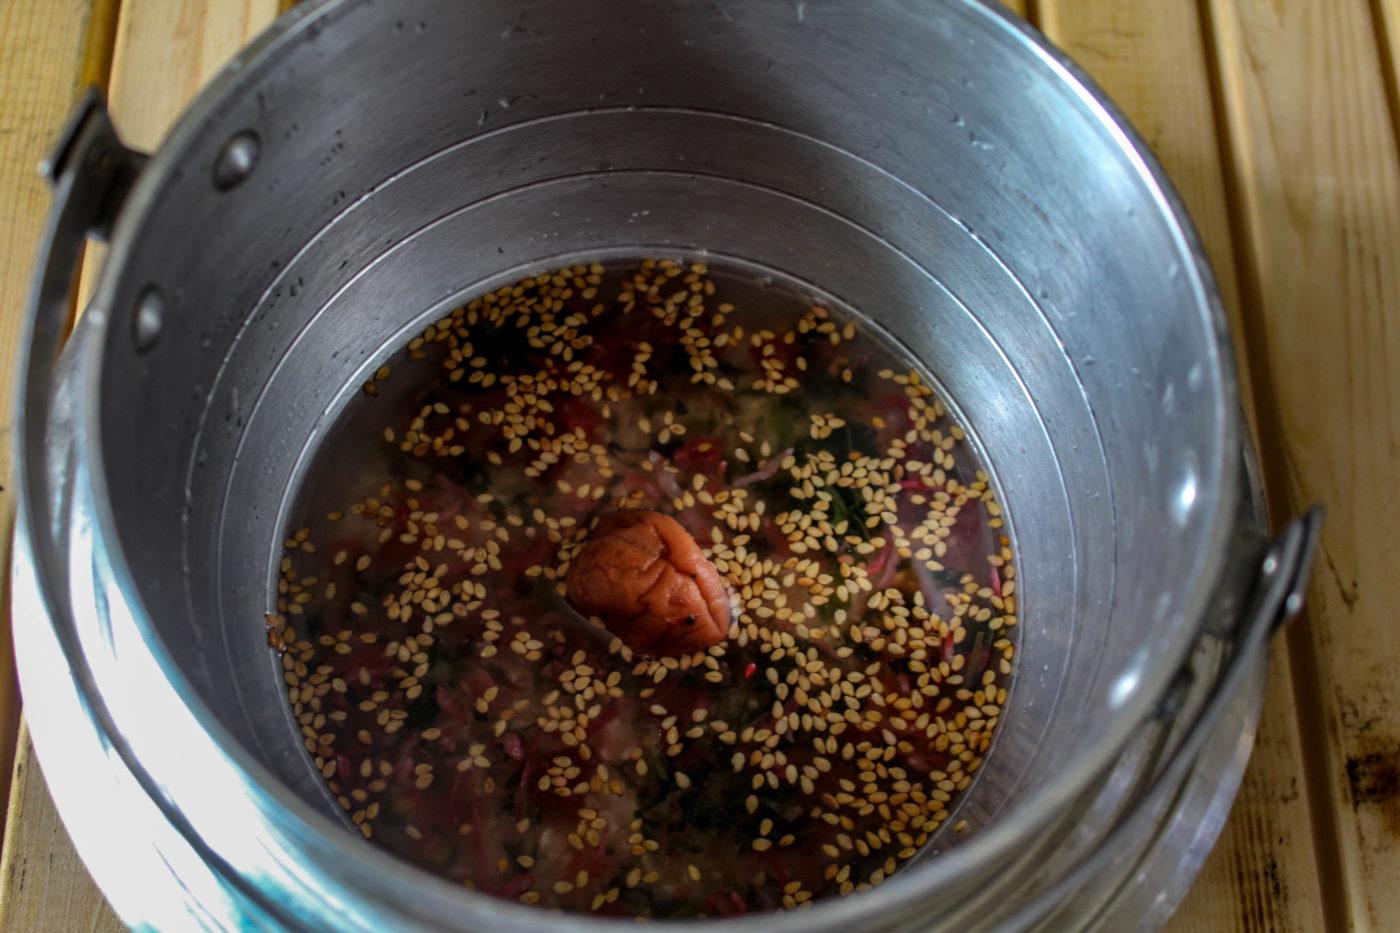 ユニフレームキャンプ羽釜を使った梅じゃこ炊き込みご飯